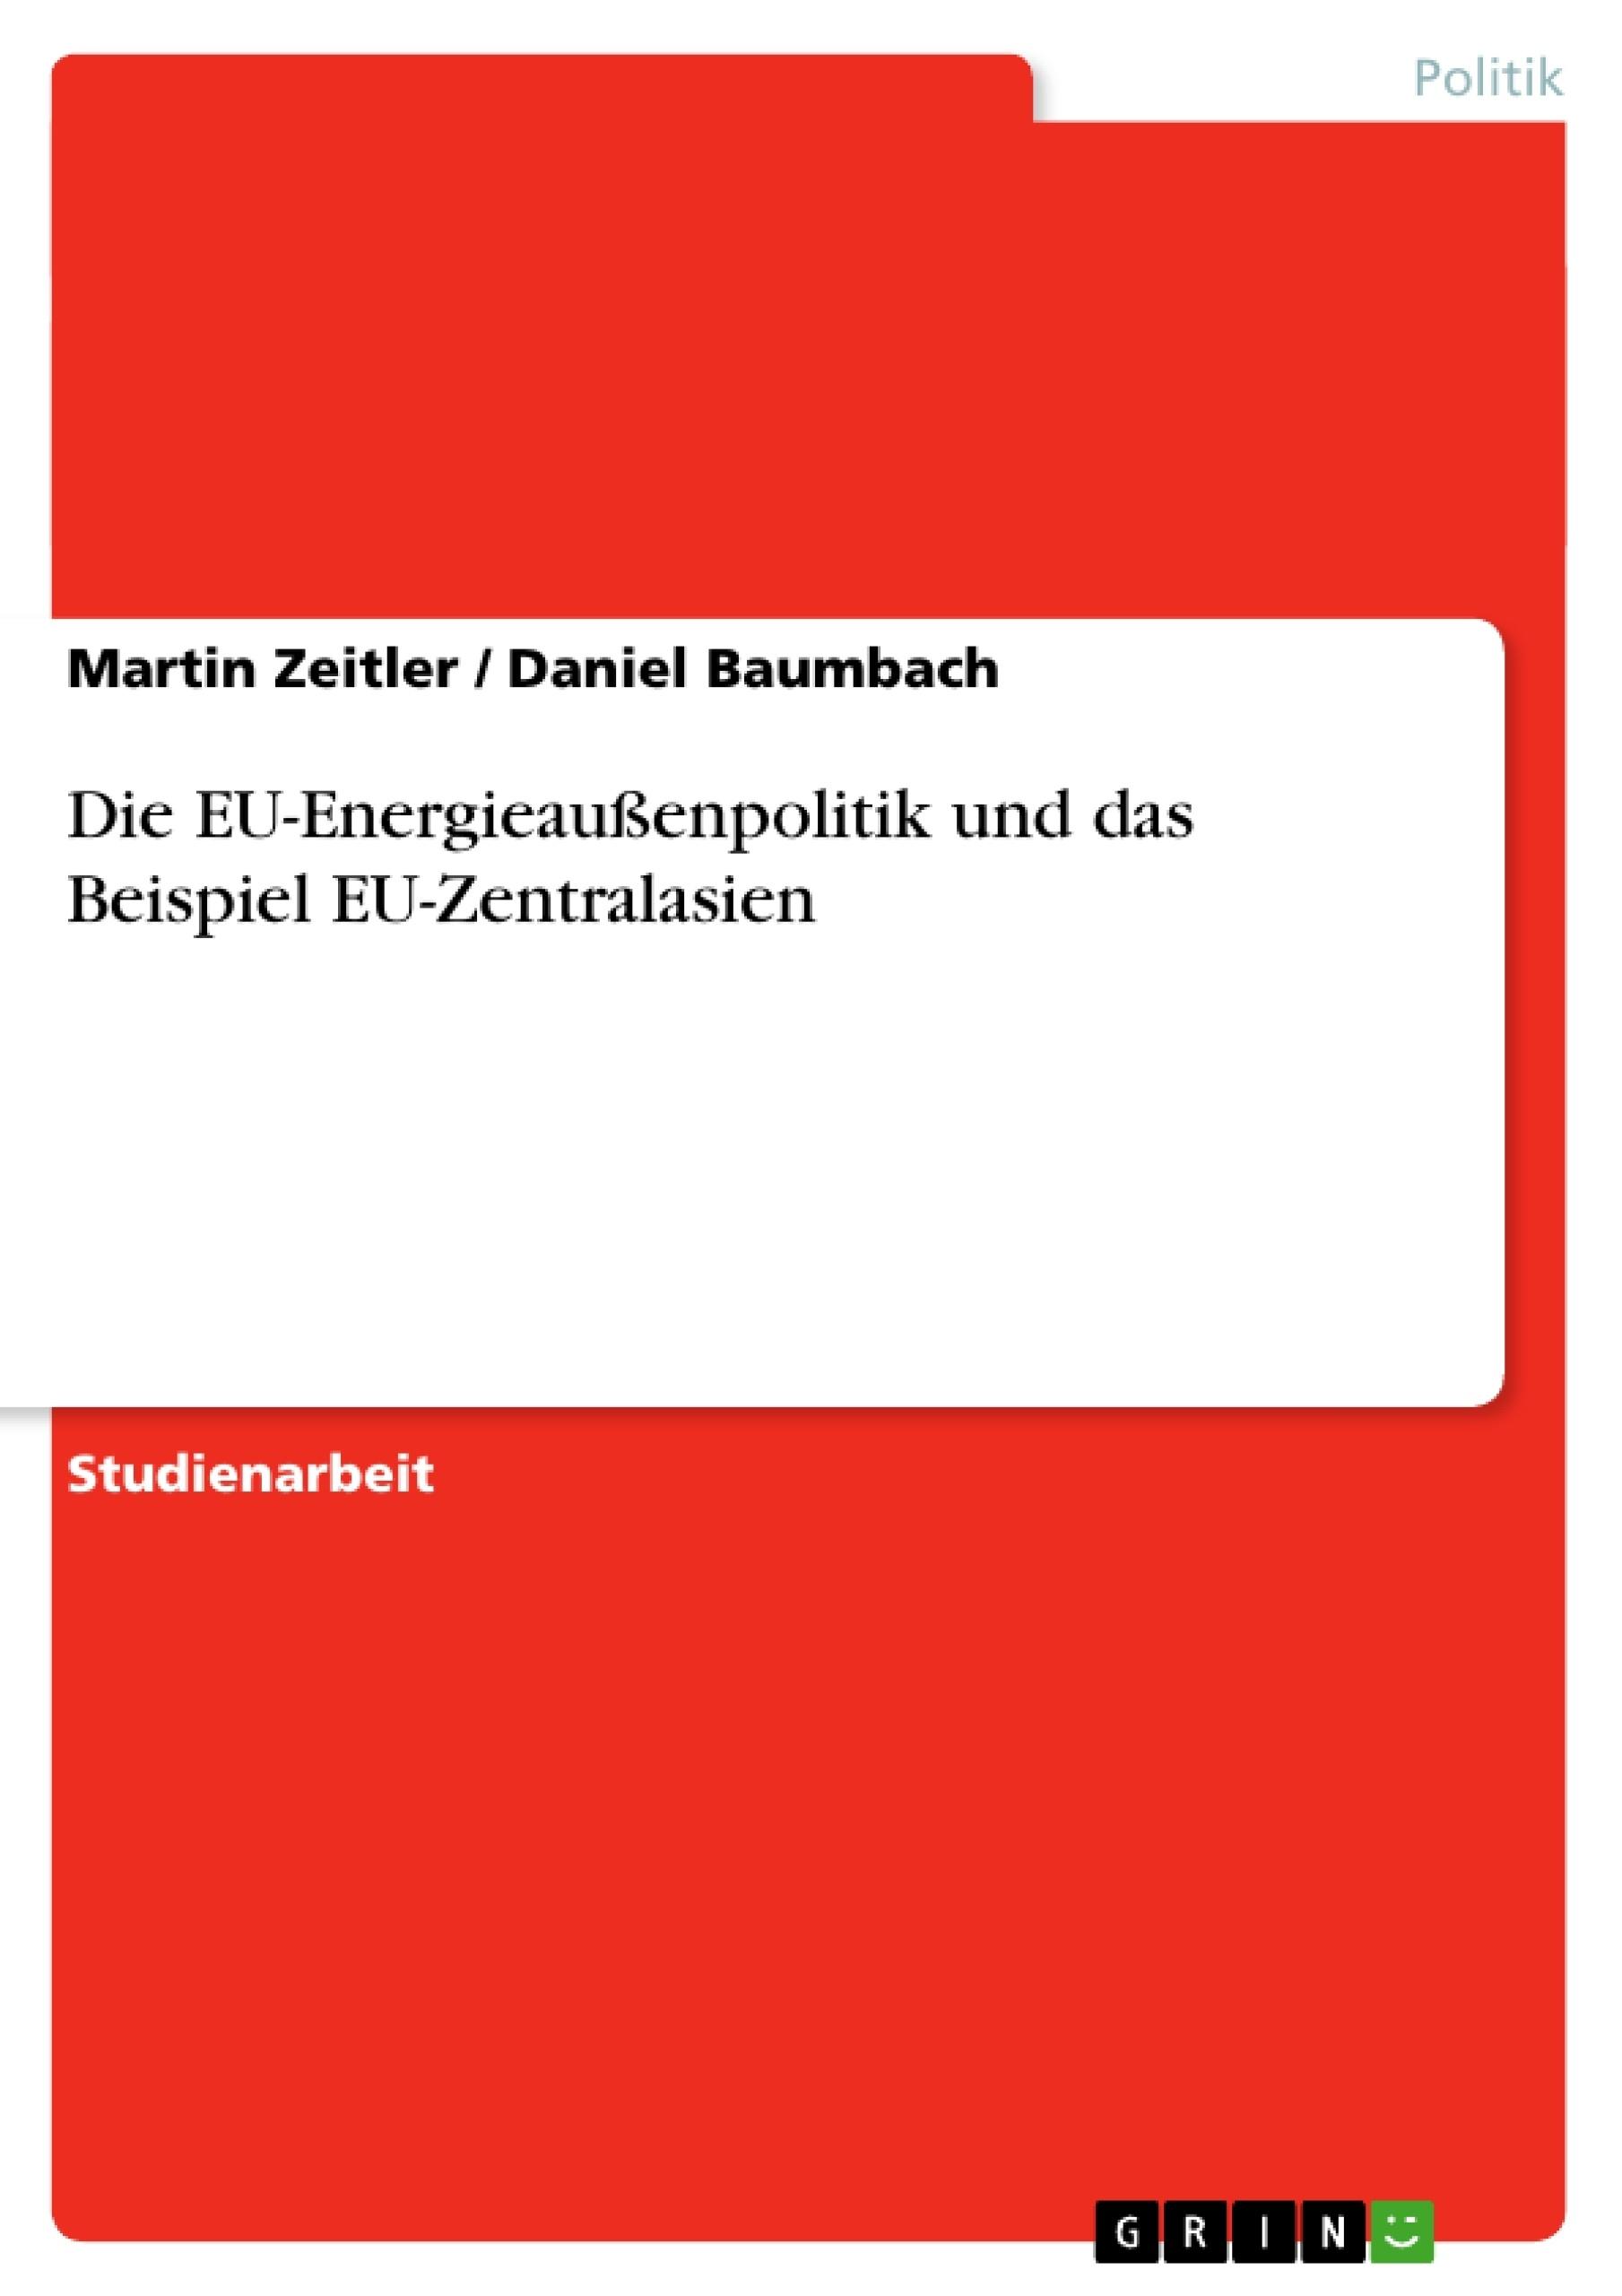 Titel: Die EU-Energieaußenpolitik und das Beispiel EU-Zentralasien